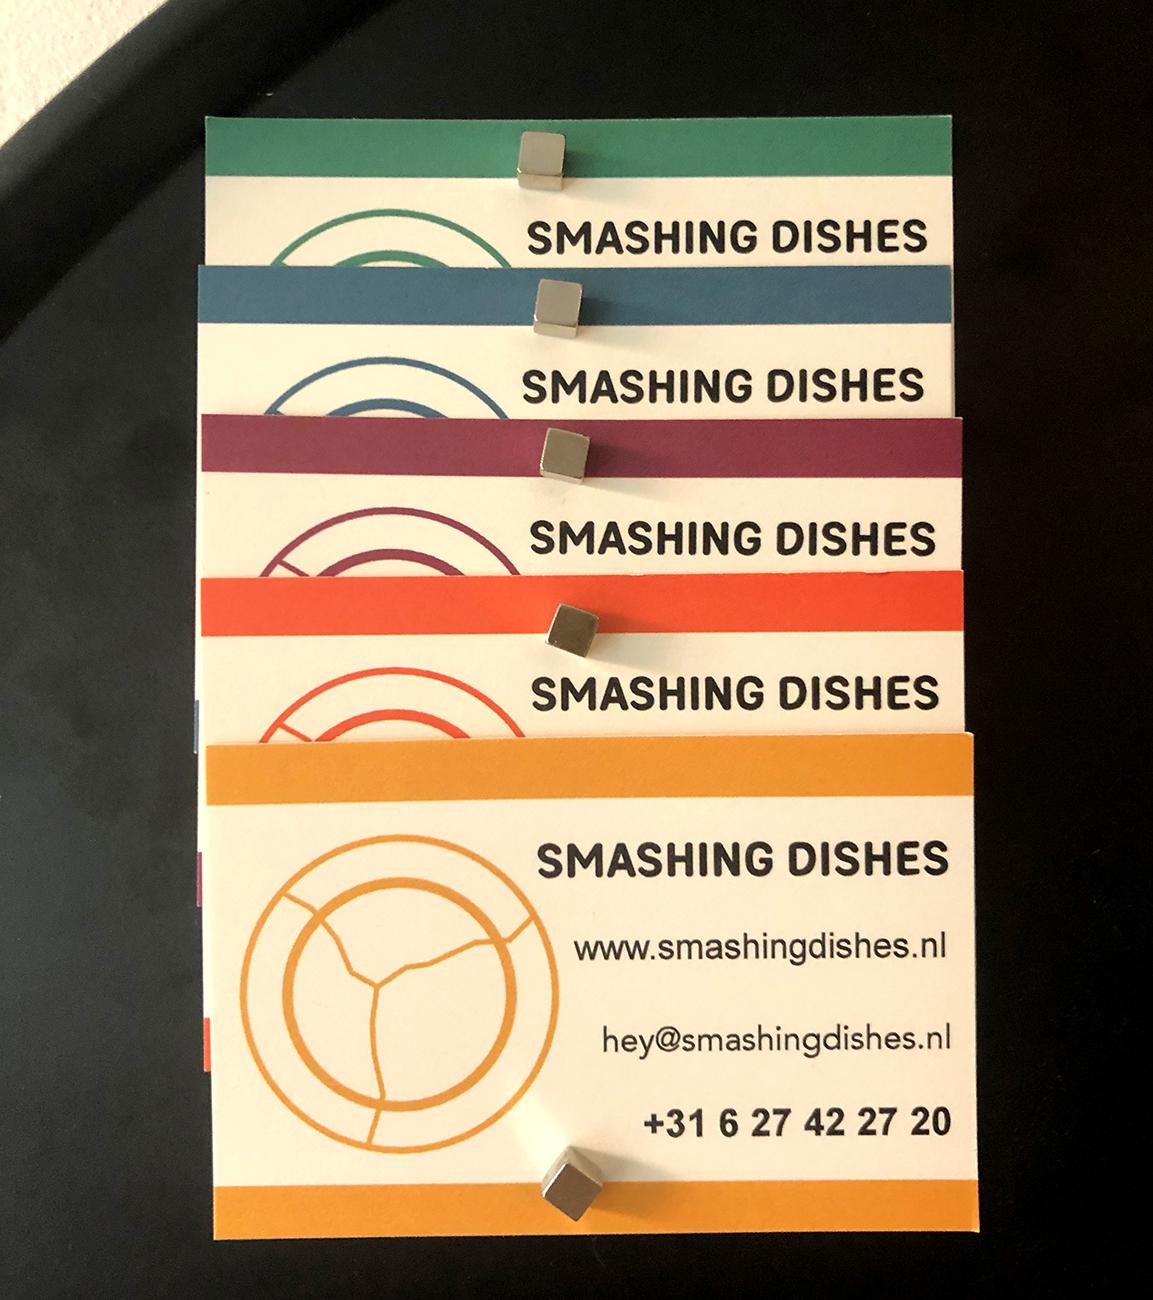 Foto van vijf visitekaartjes van Samshing Dishes die een regenboog vormen van de verschillende kleuren op de website: groen, blauw, paars, oranje en geel, van boven naar beneden.